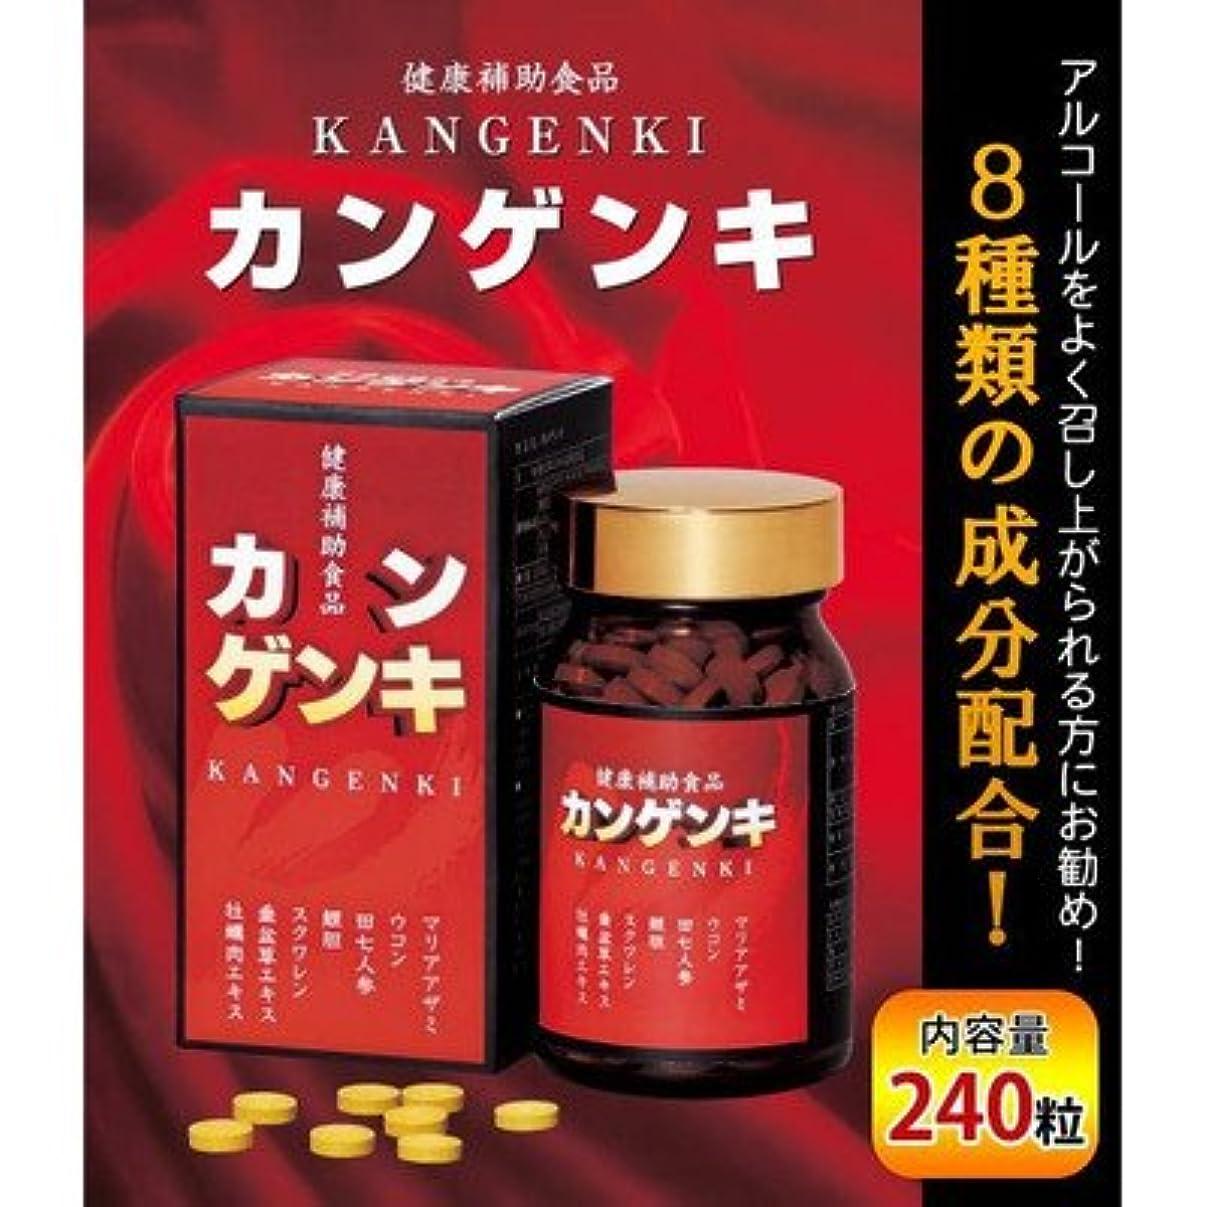 尊敬粘土花嫁カンゲンキ 240粒 (健康補助食品)